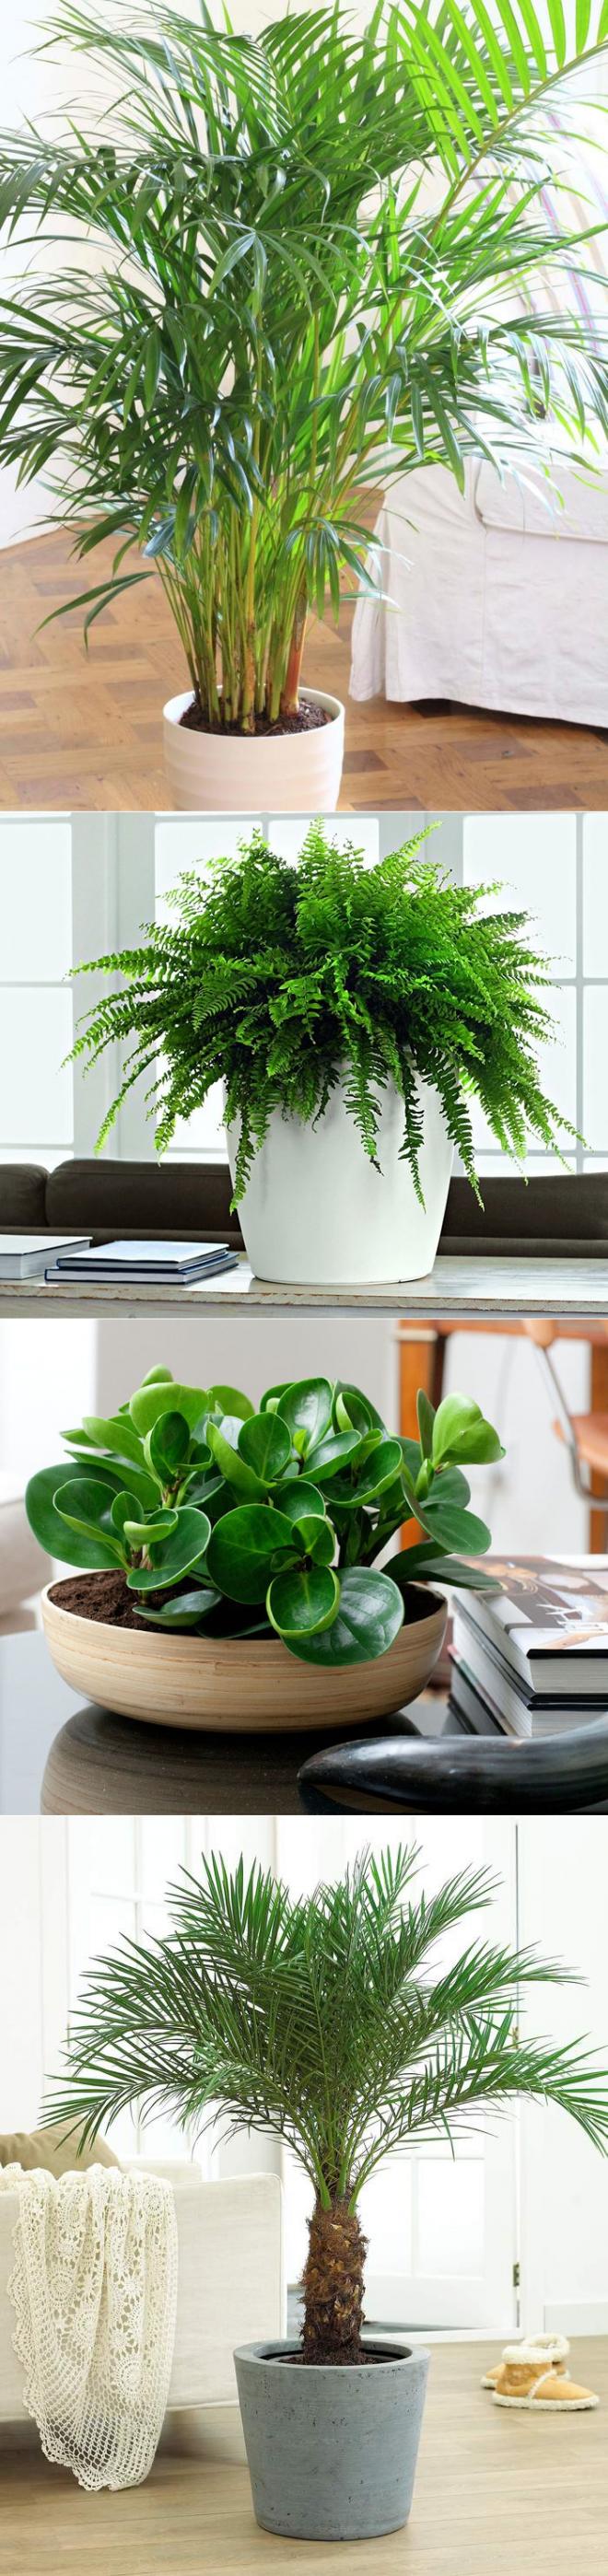 10 лучших комнатных растений очищающих воздух в квартире